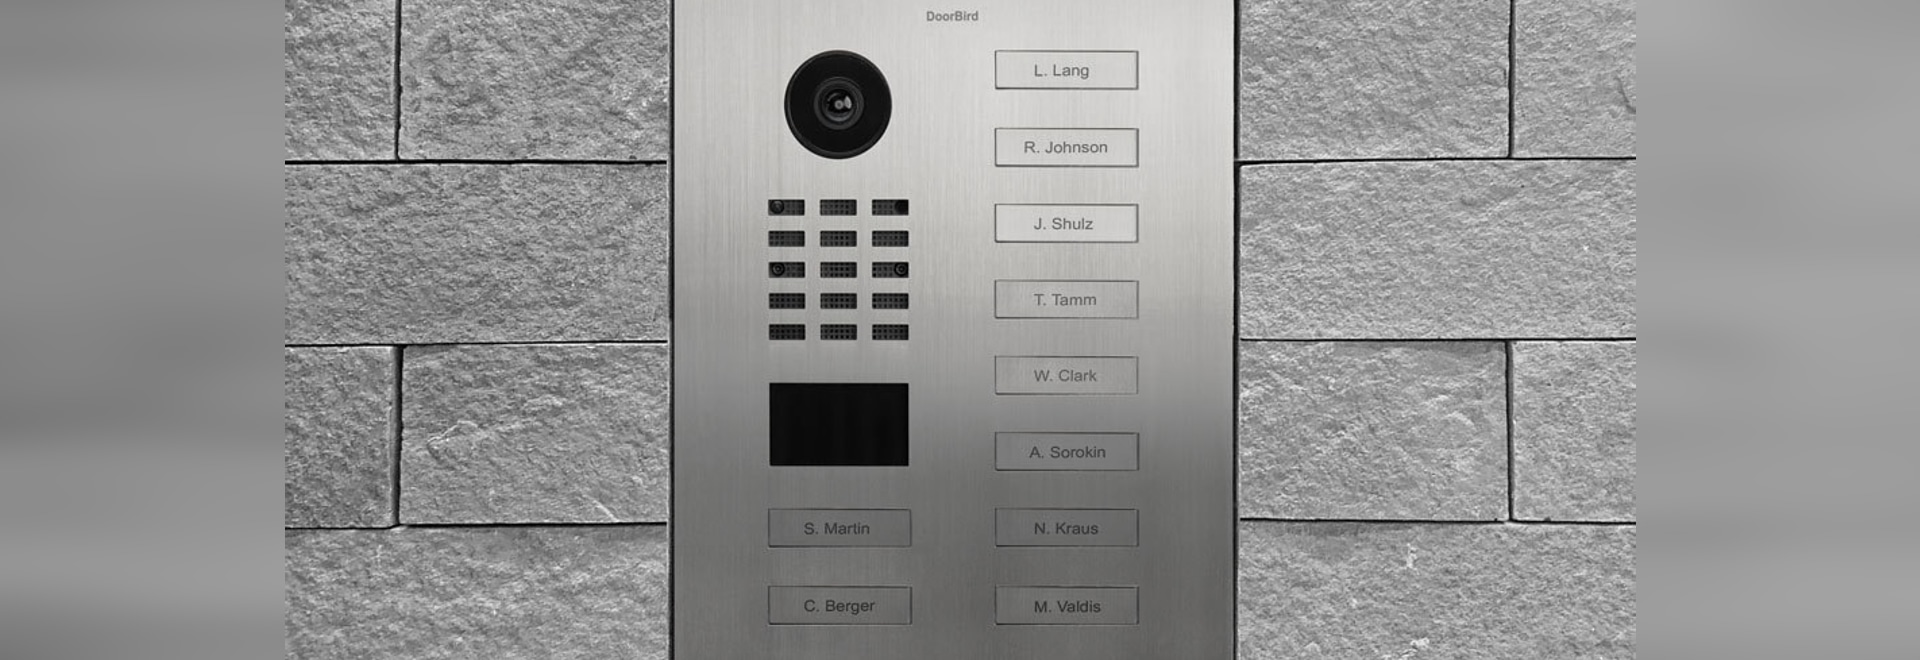 DoorBird IP-Türsprechanlagen für Mehrfamilienhäuser